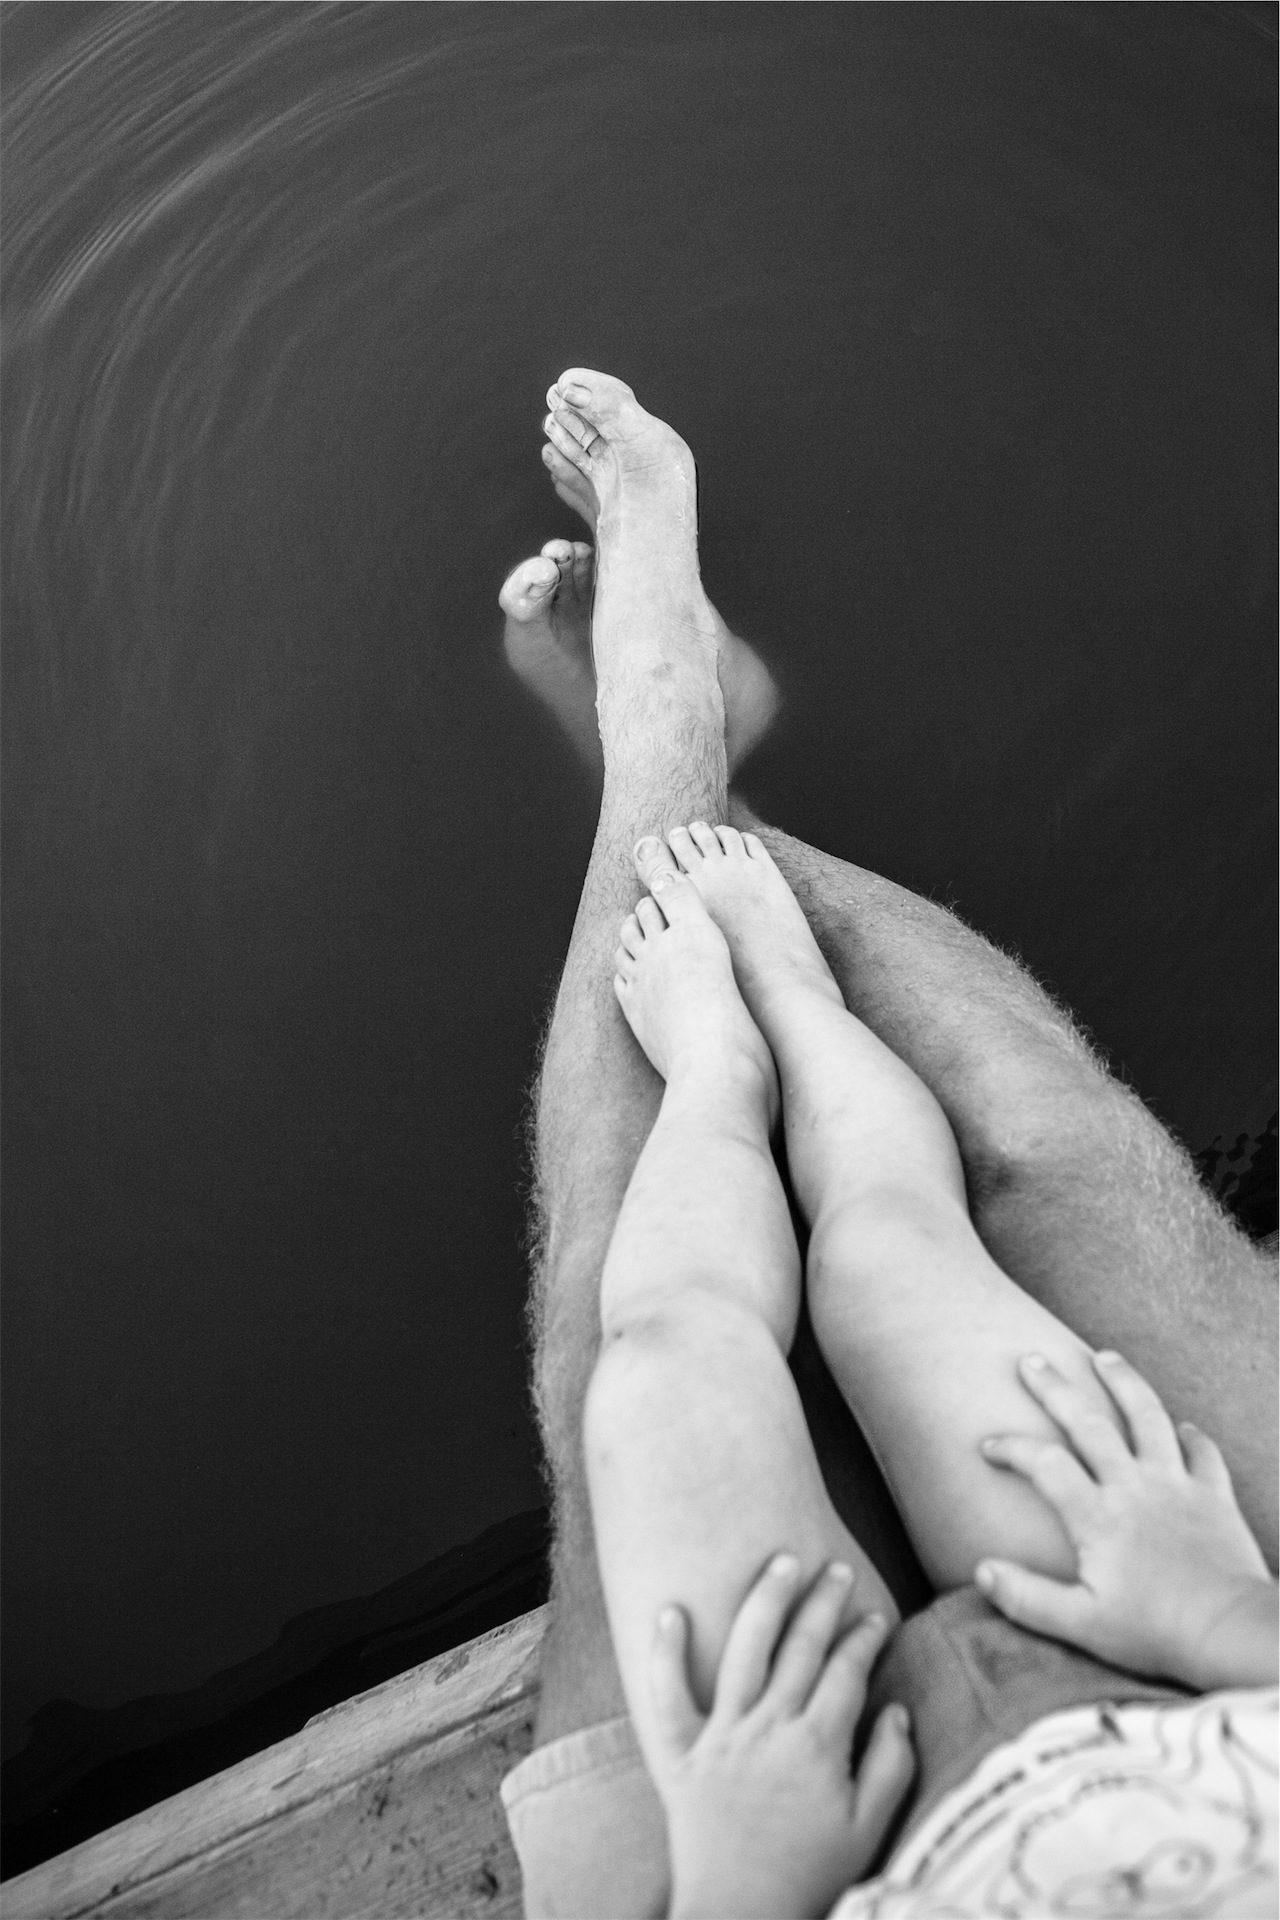 jambes, pieds, père, fils, en noir et blanc - Fonds d'écran HD - Professor-falken.com